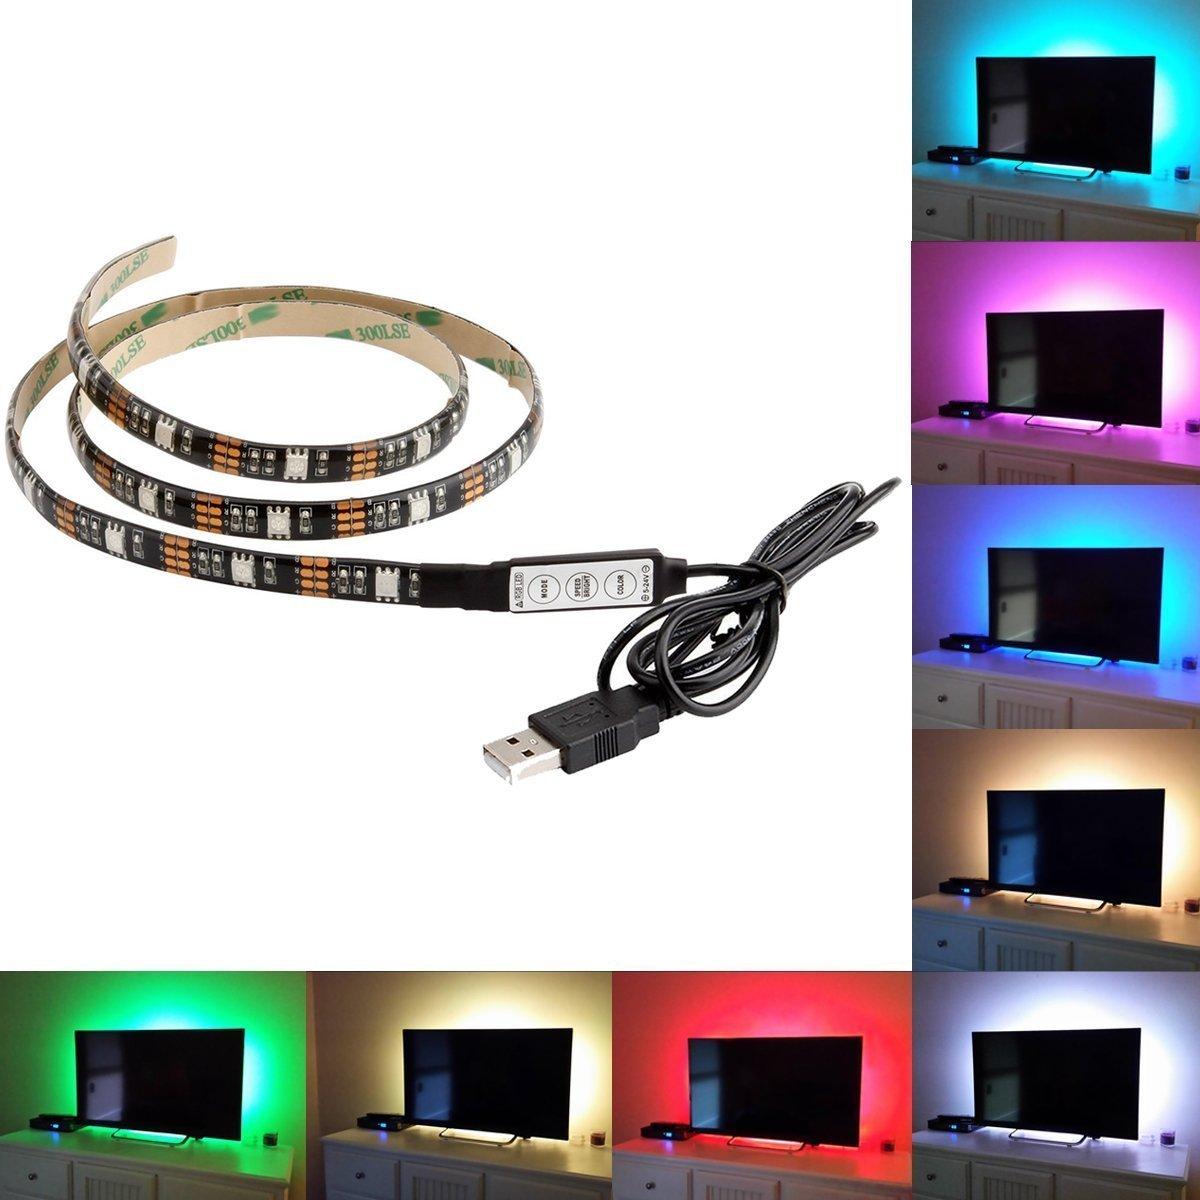 LEDniceker USB LED TV Backlight Bias lighting Kit 100CM 5V LED Strip USB TV Back Lighting for HDTV Desktop PC etc.